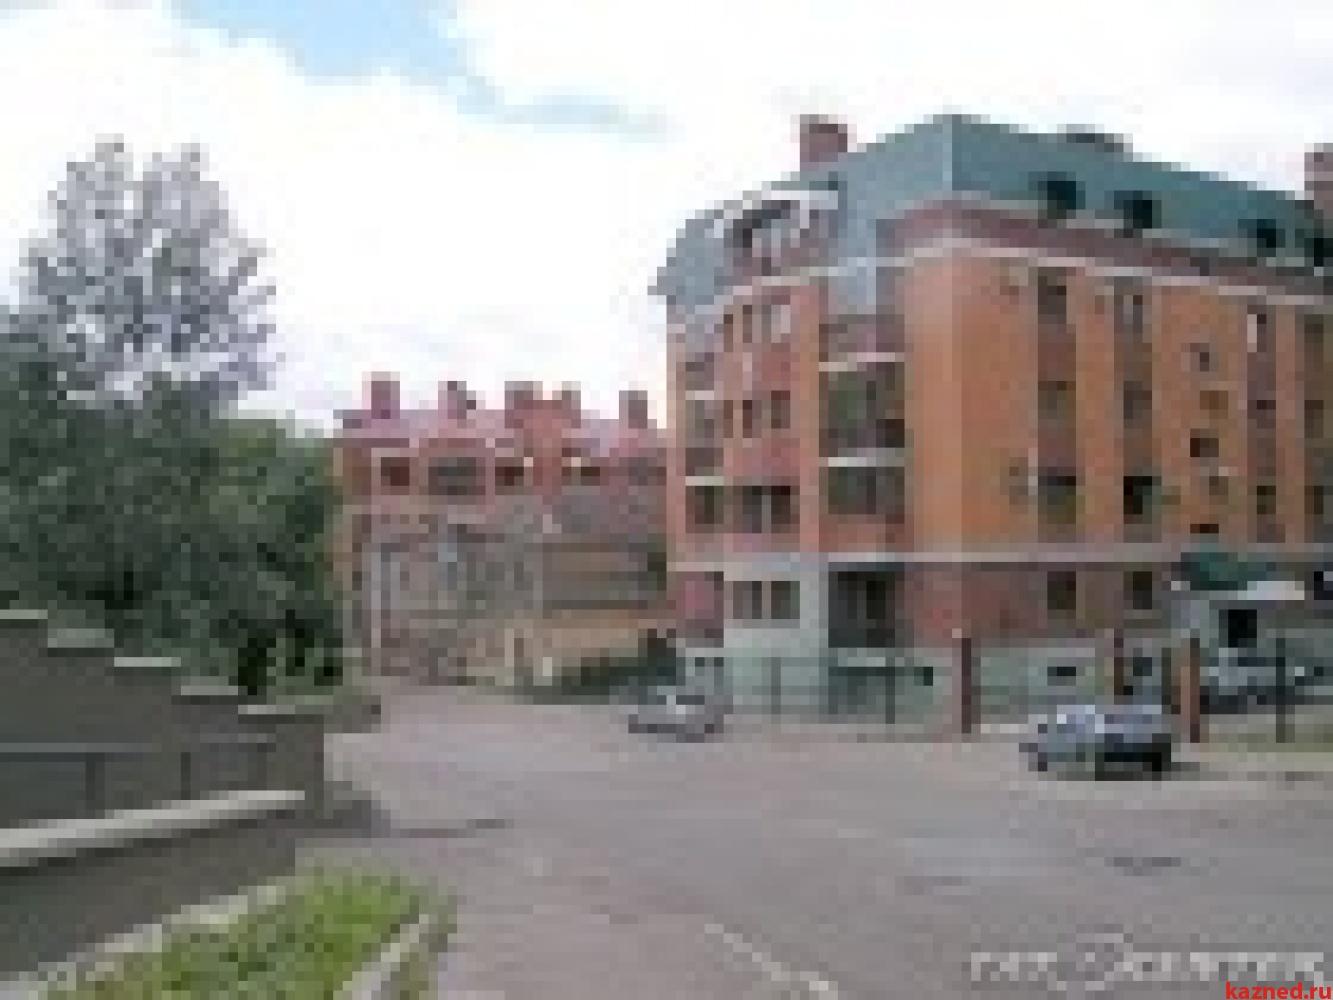 Аренда  гаража Щапова, д.17, 20 м² (миниатюра №1)